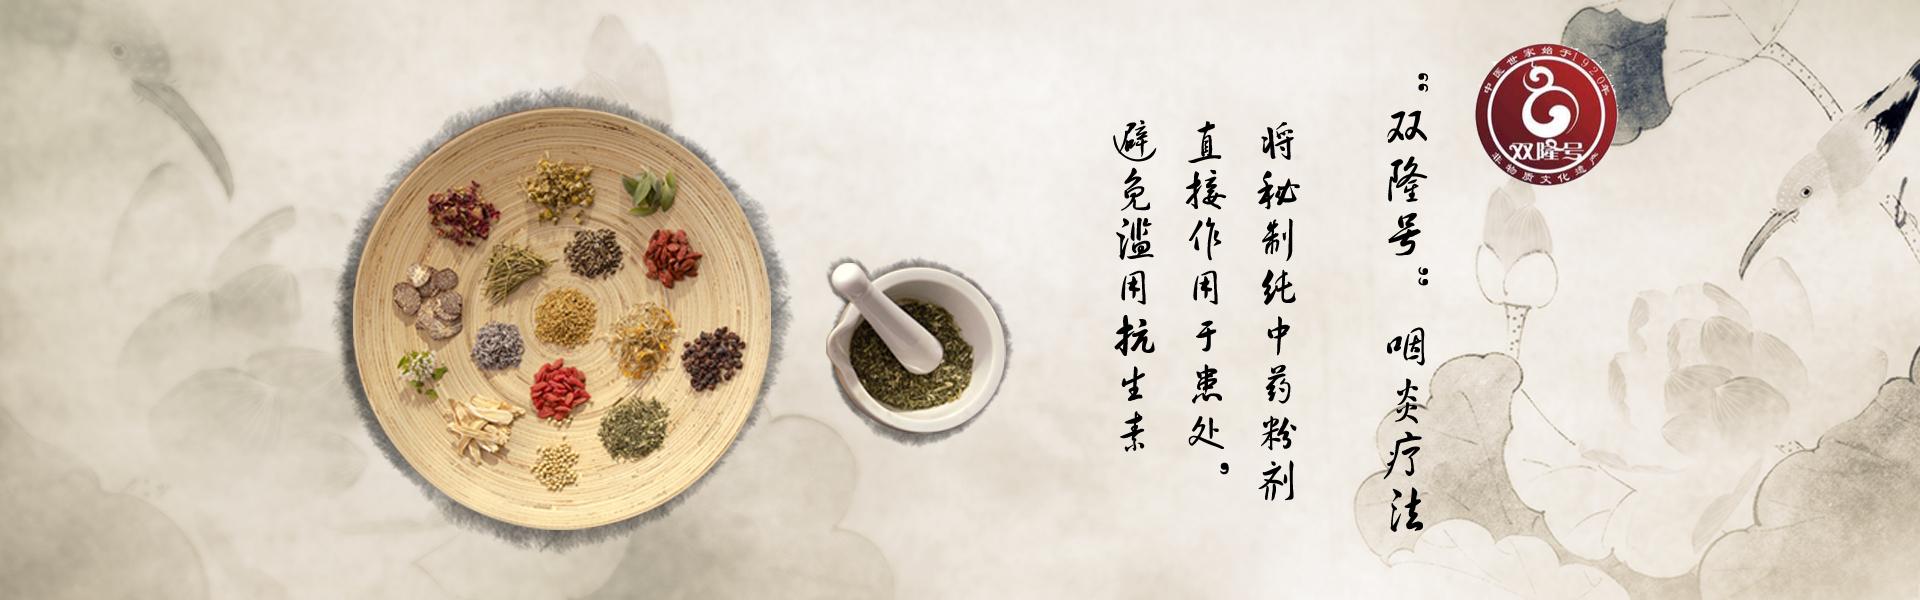 洛阳扁桃体炎专科,洛阳治扁桃体炎-郭秀珍中医诊所